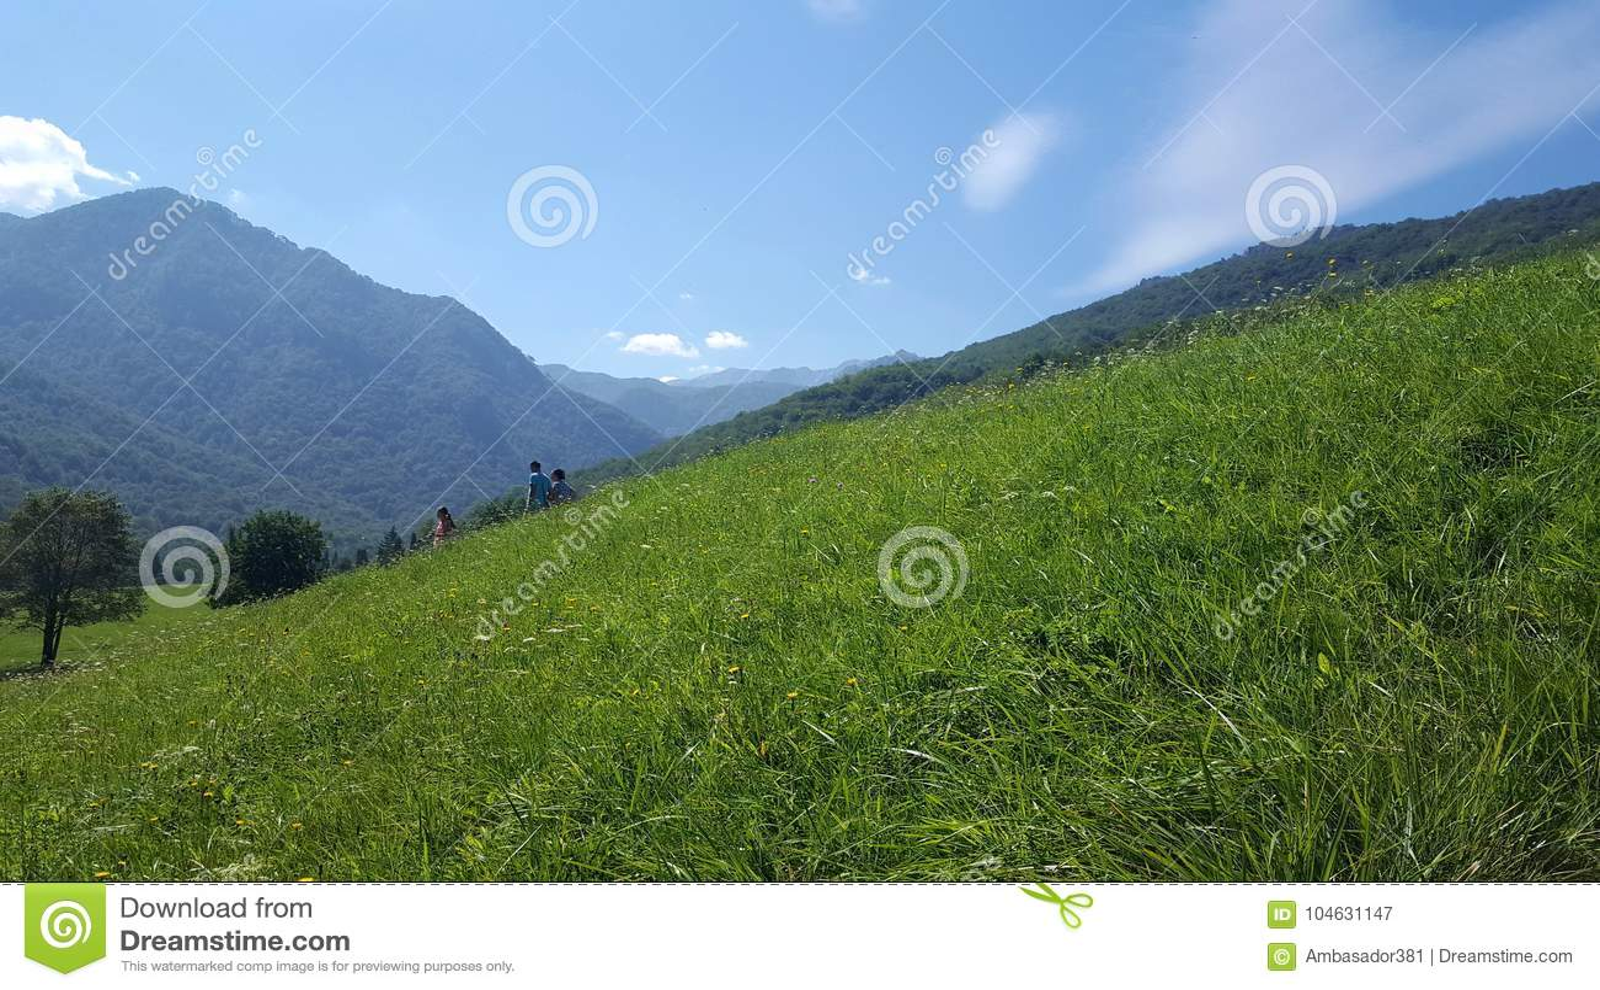 Download Lopend Op Heldere, Zonnige Dag Op Het Nationale Park Van Sutjeska Redactionele Fotografie - Afbeelding bestaande uit openlucht, park: 104631147